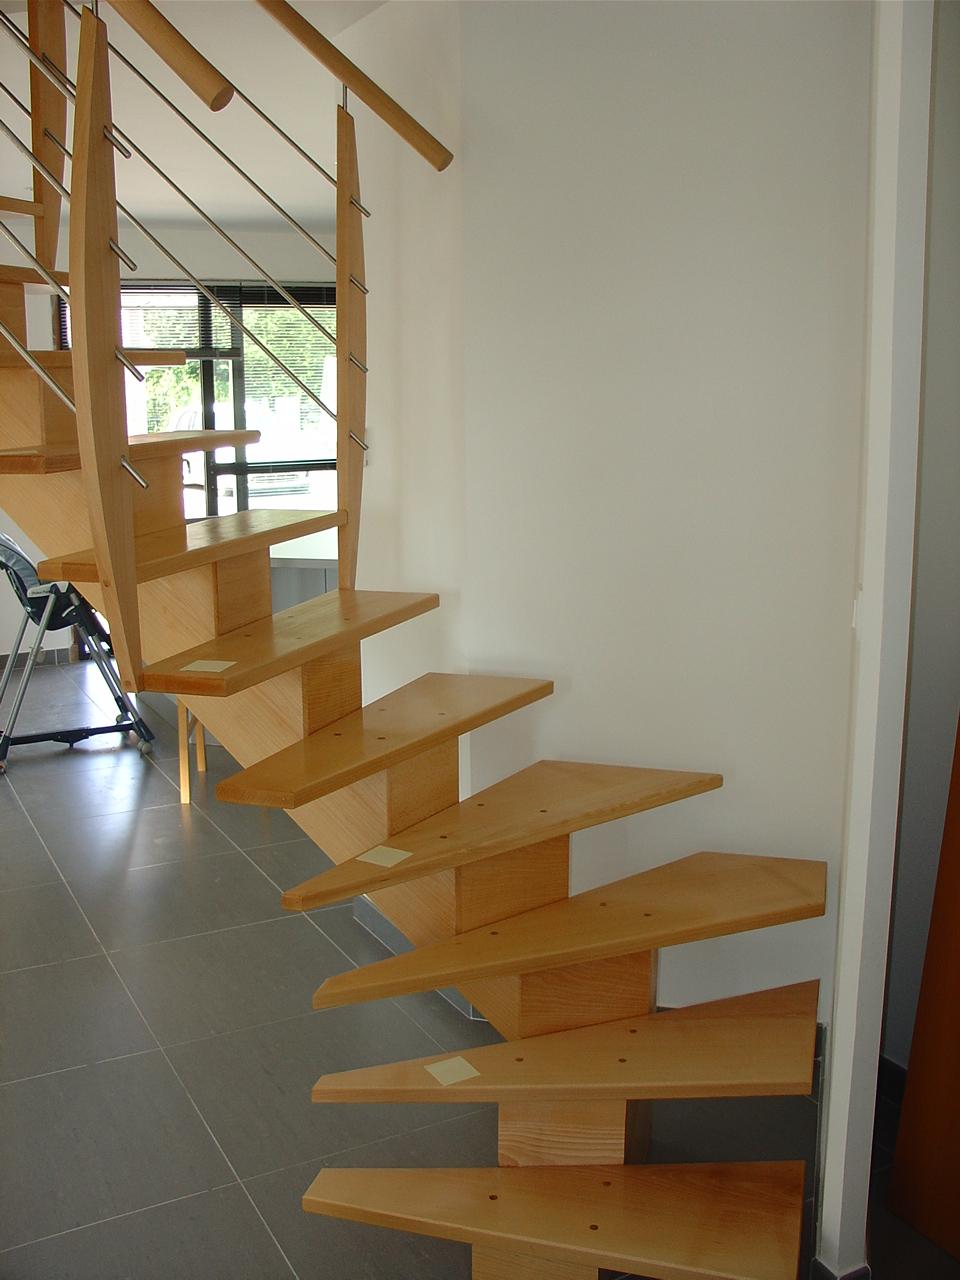 Escaliers combles du nord gary - Escalier limon central prix ...